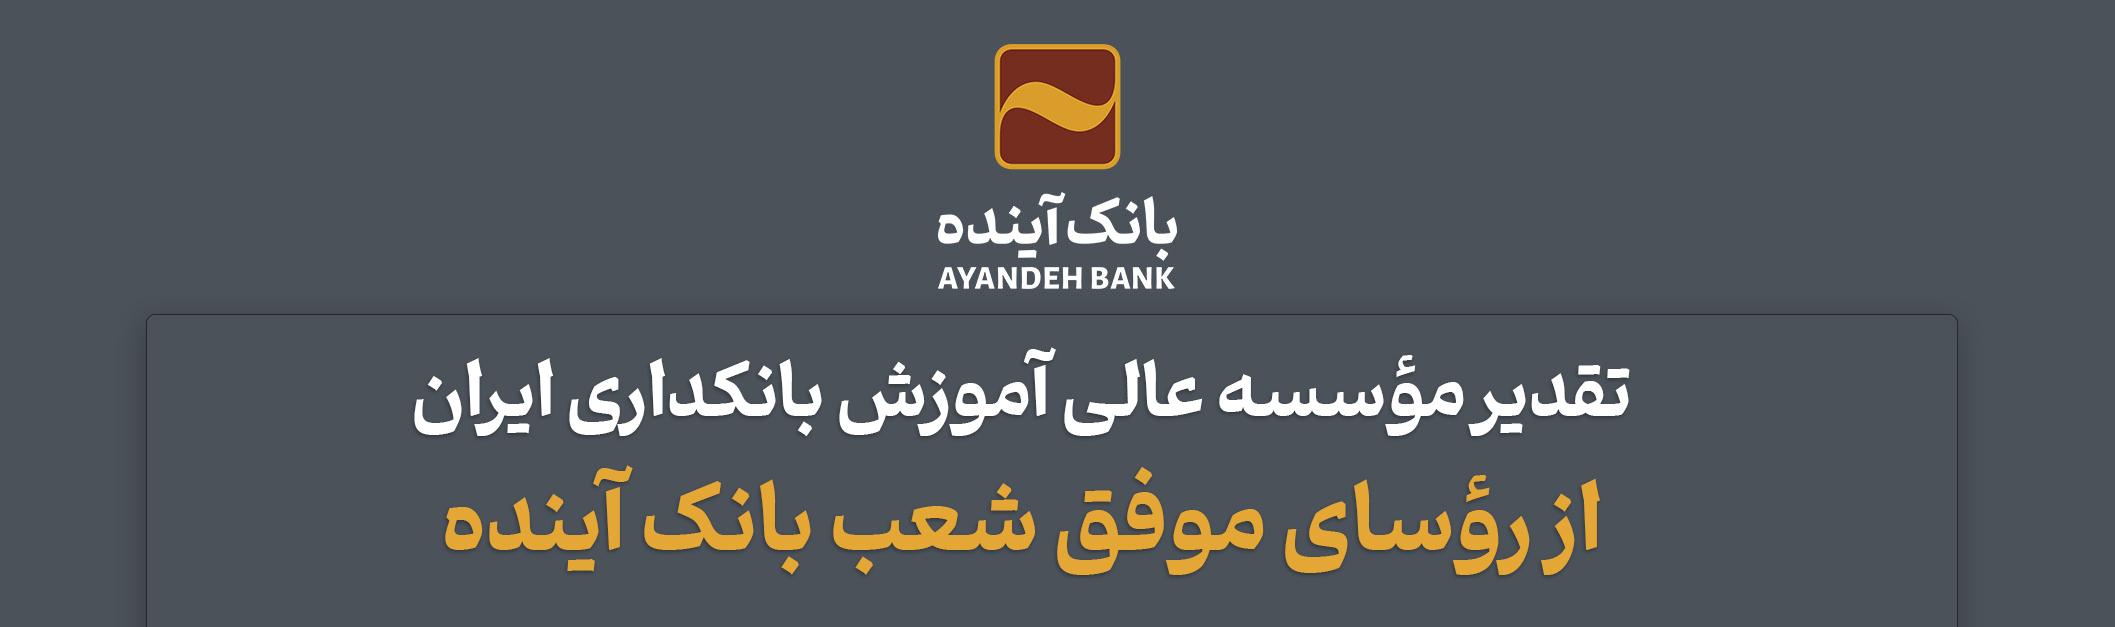 بانک آینده1